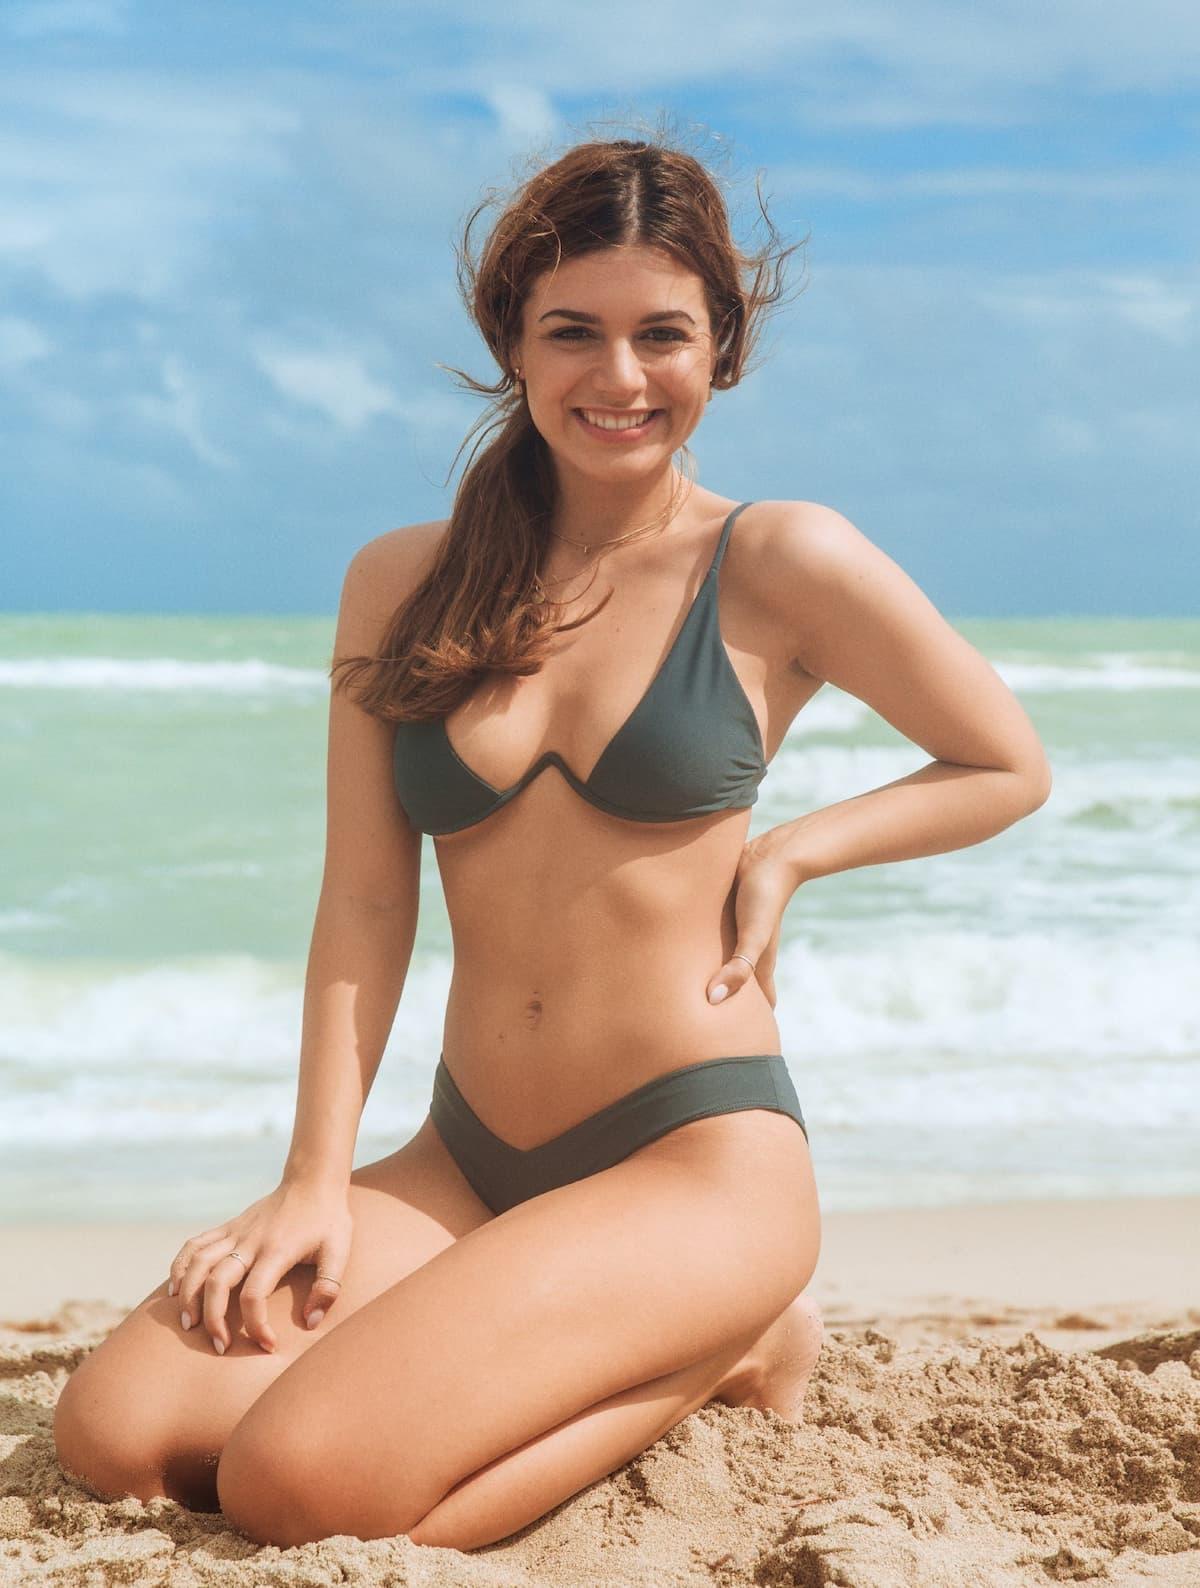 Maxime Herbord im Bikini am Strand vor 3 Jahren als Kandidatin